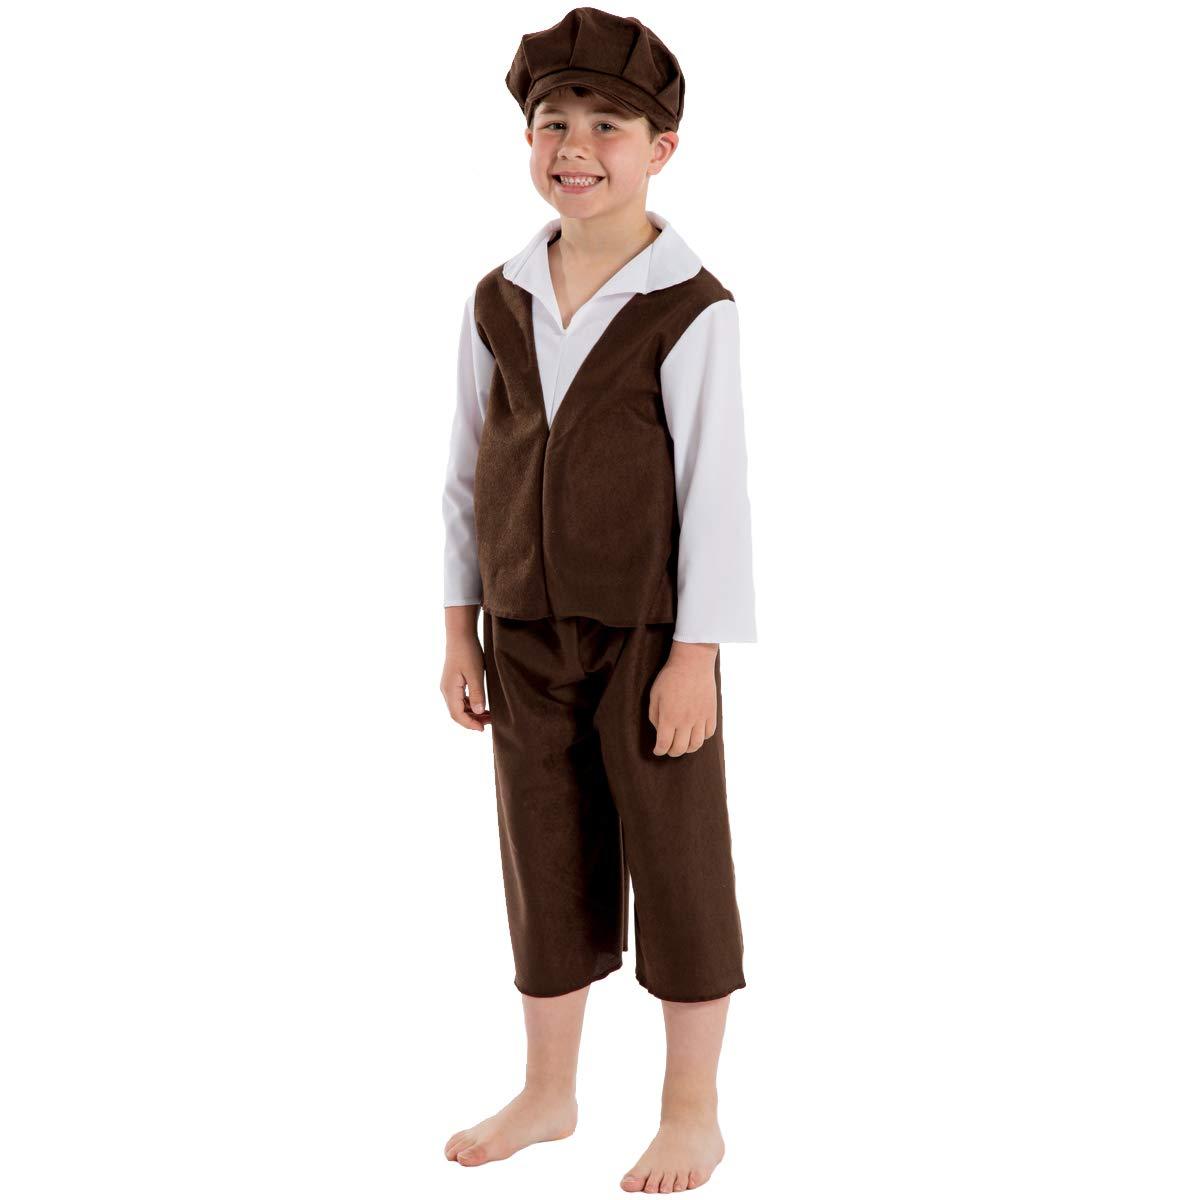 Taglia unica 10-12 anni. Charlie Crow Ernest il monello costume per i bambini